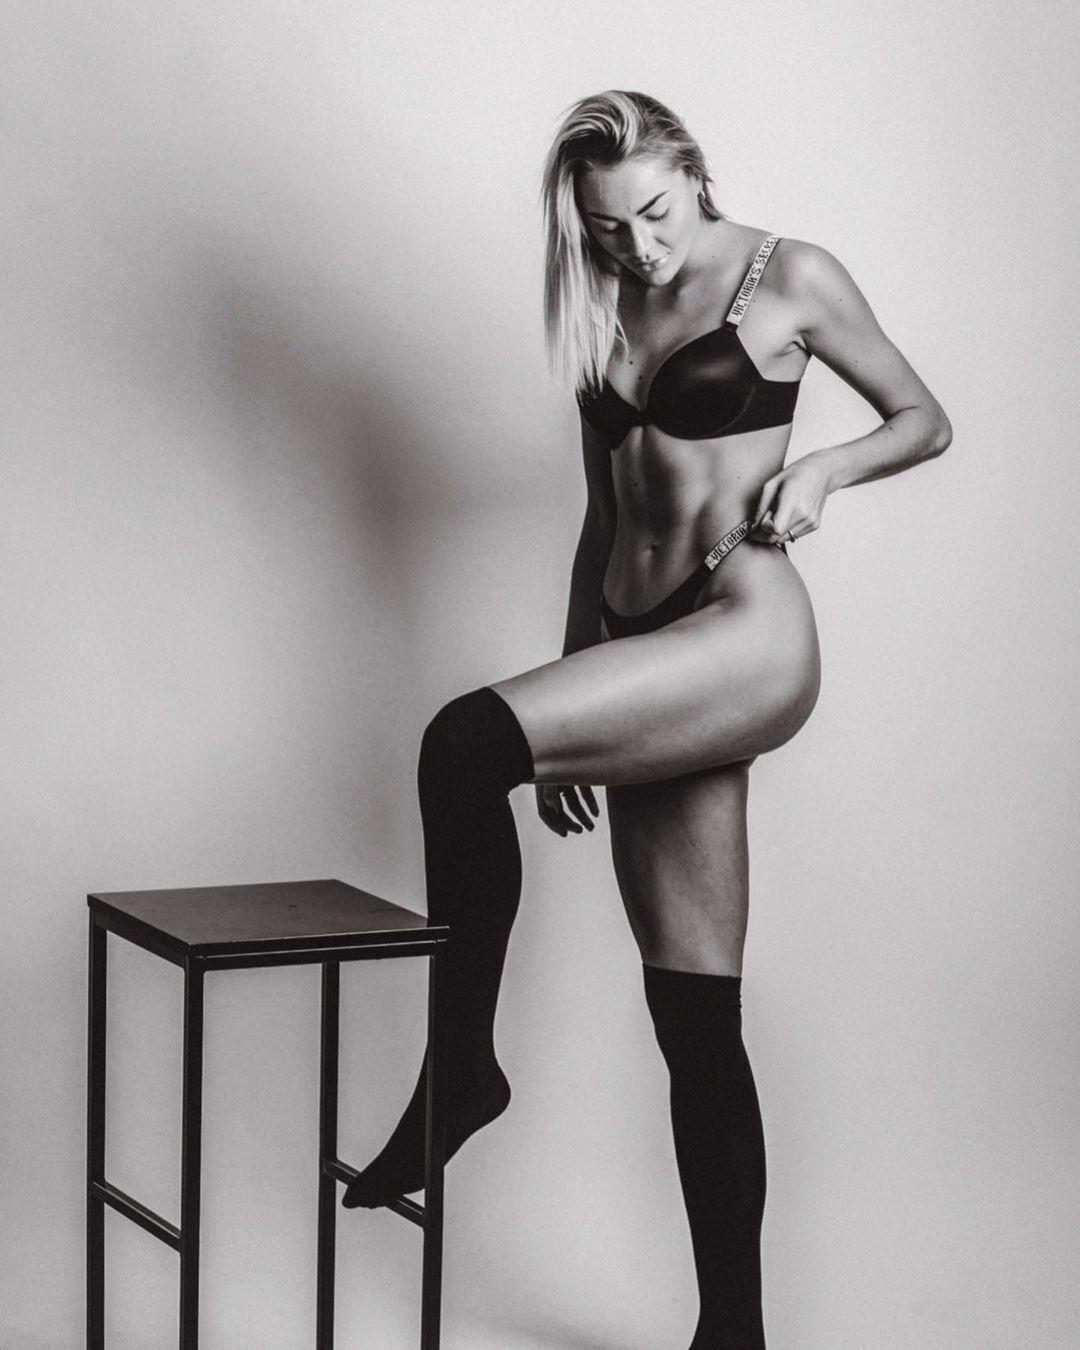 Людмила Осадчук снялась в черно-белом цвете